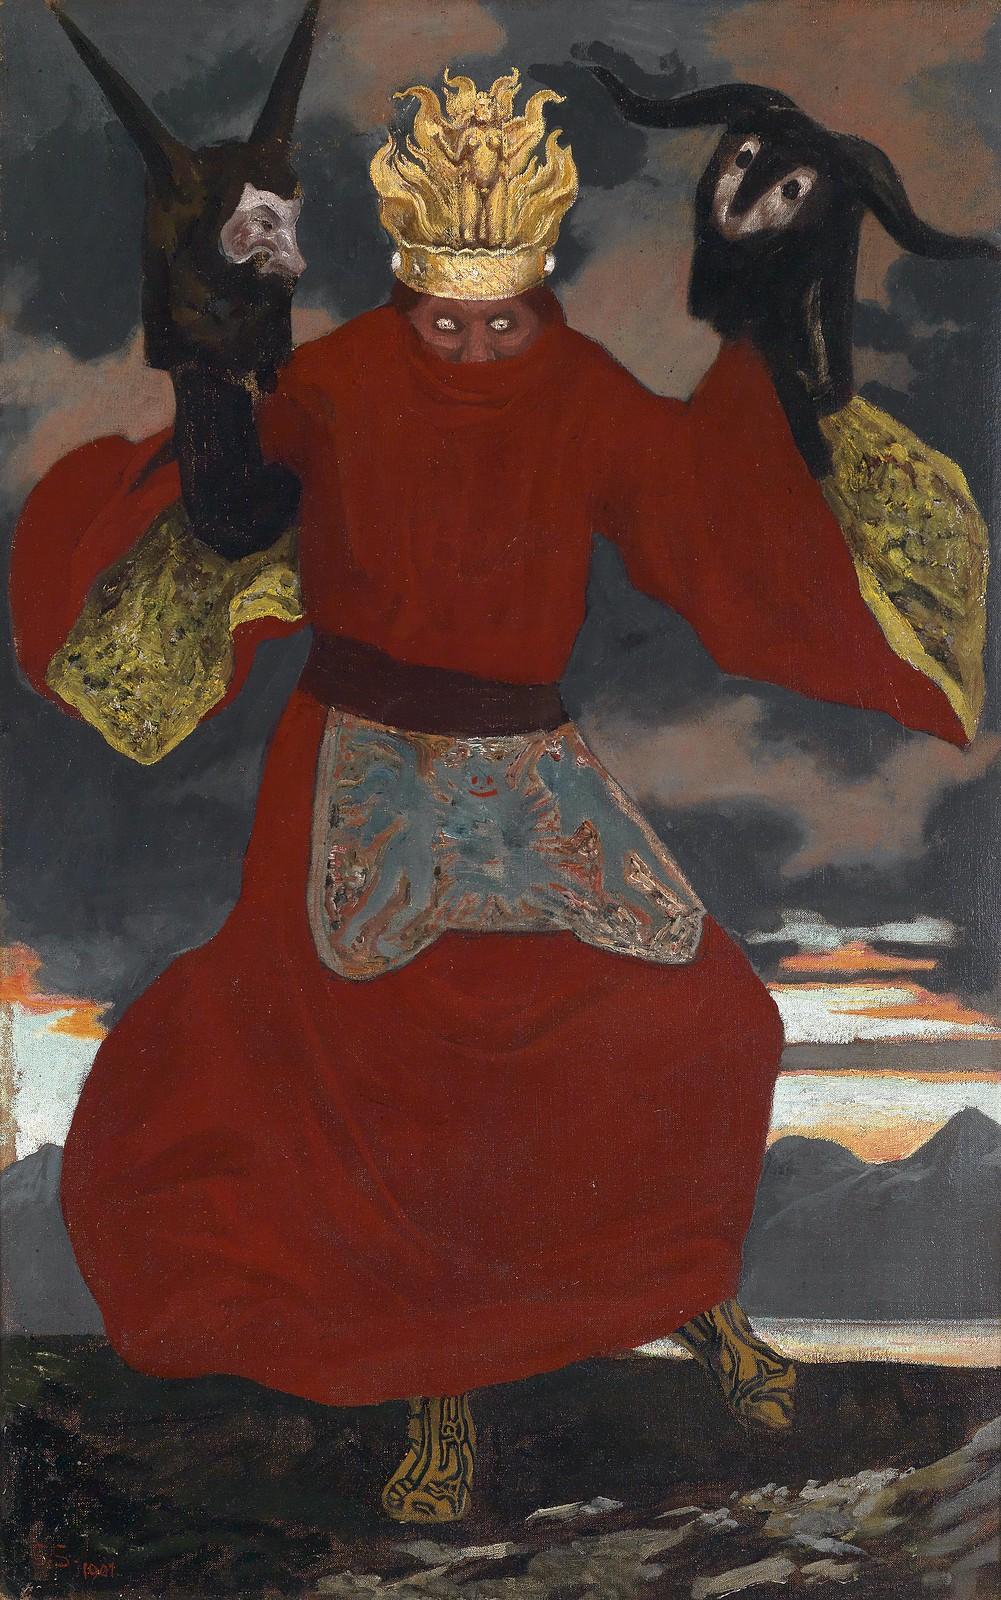 Sascha Schneider - The Shaman, 1901